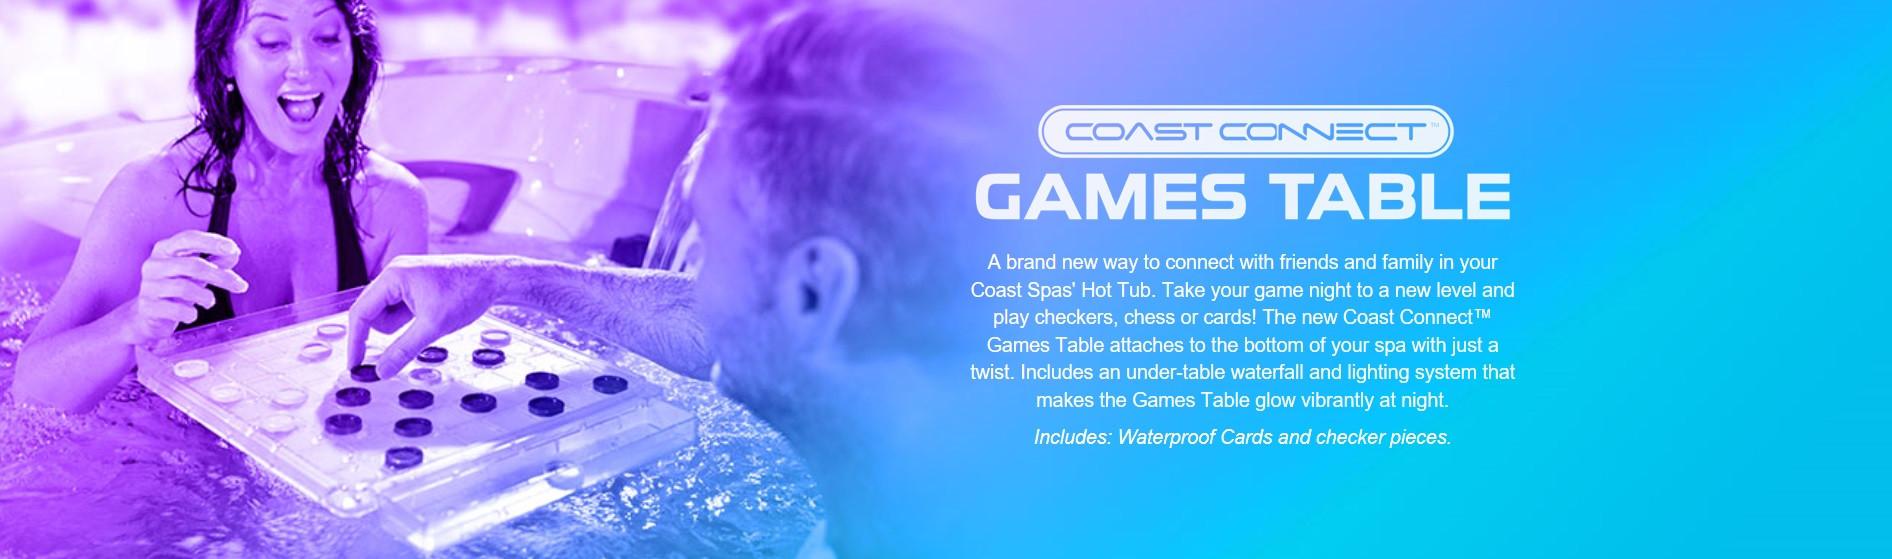 CoastGames.jpg